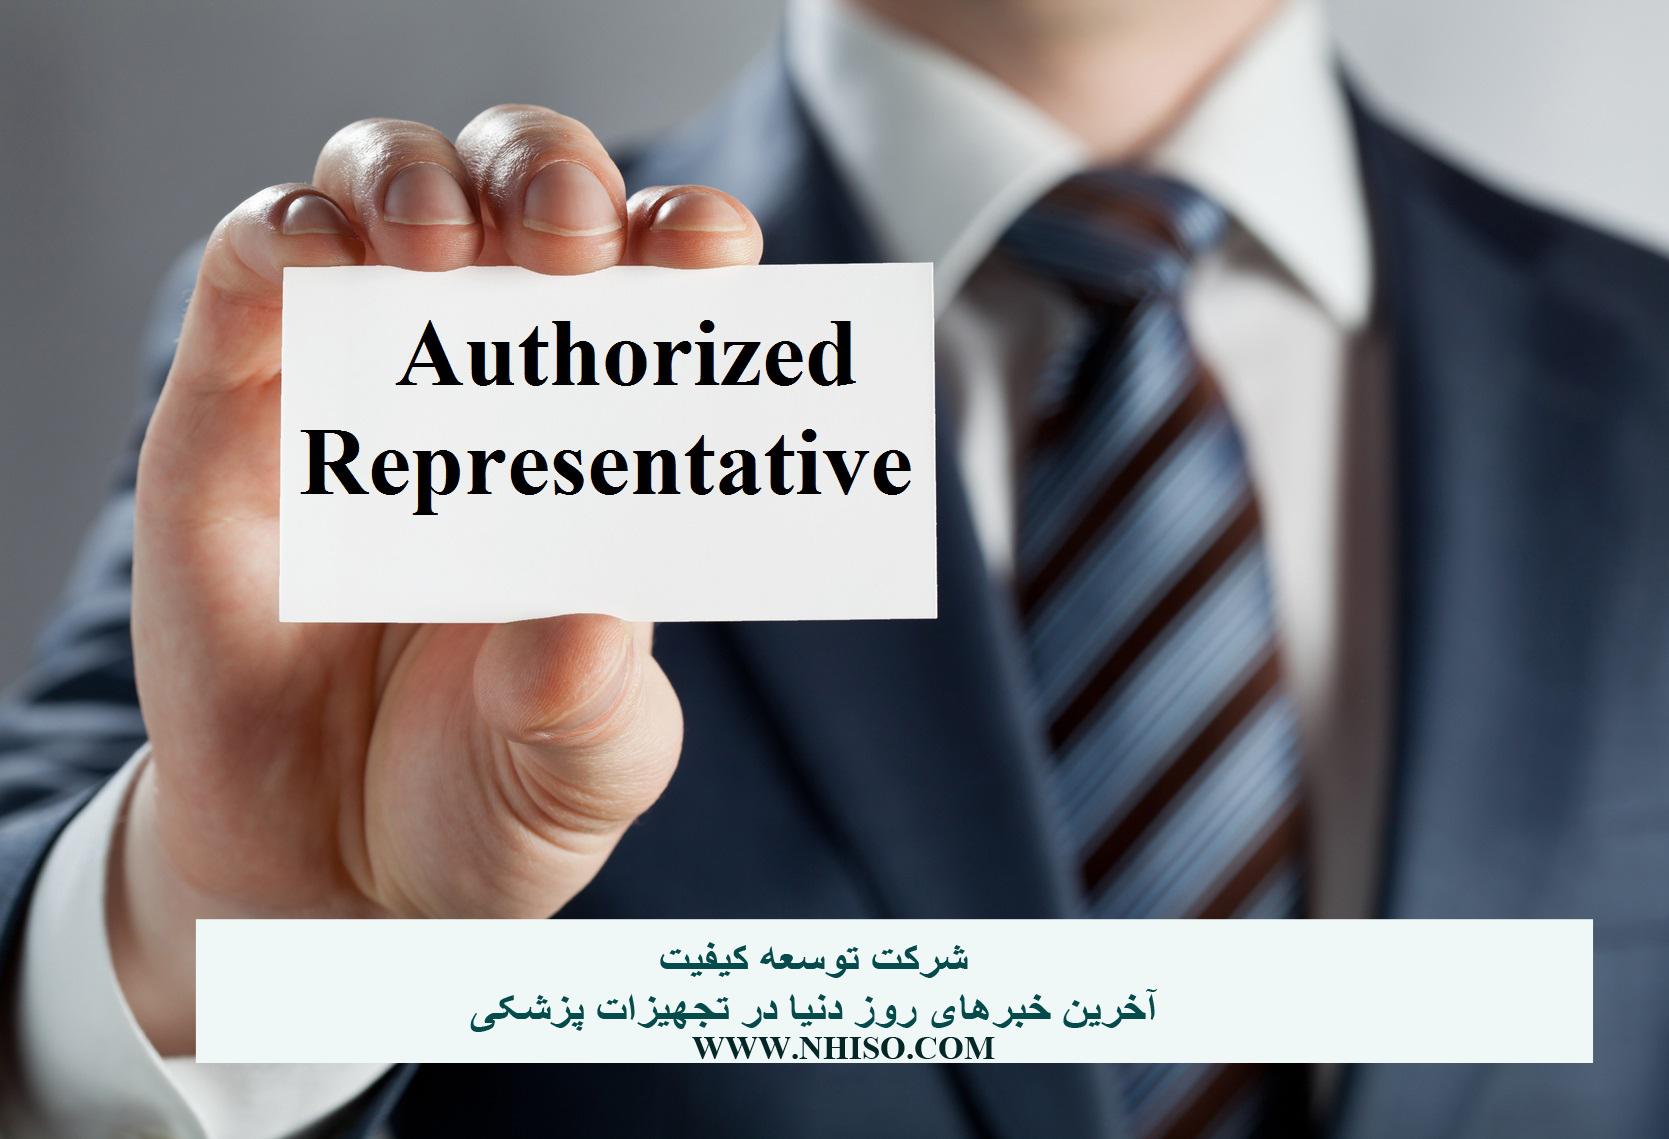 نمایندگی مجاز (Authorized Representative-AR) در اتحادیه اروپا